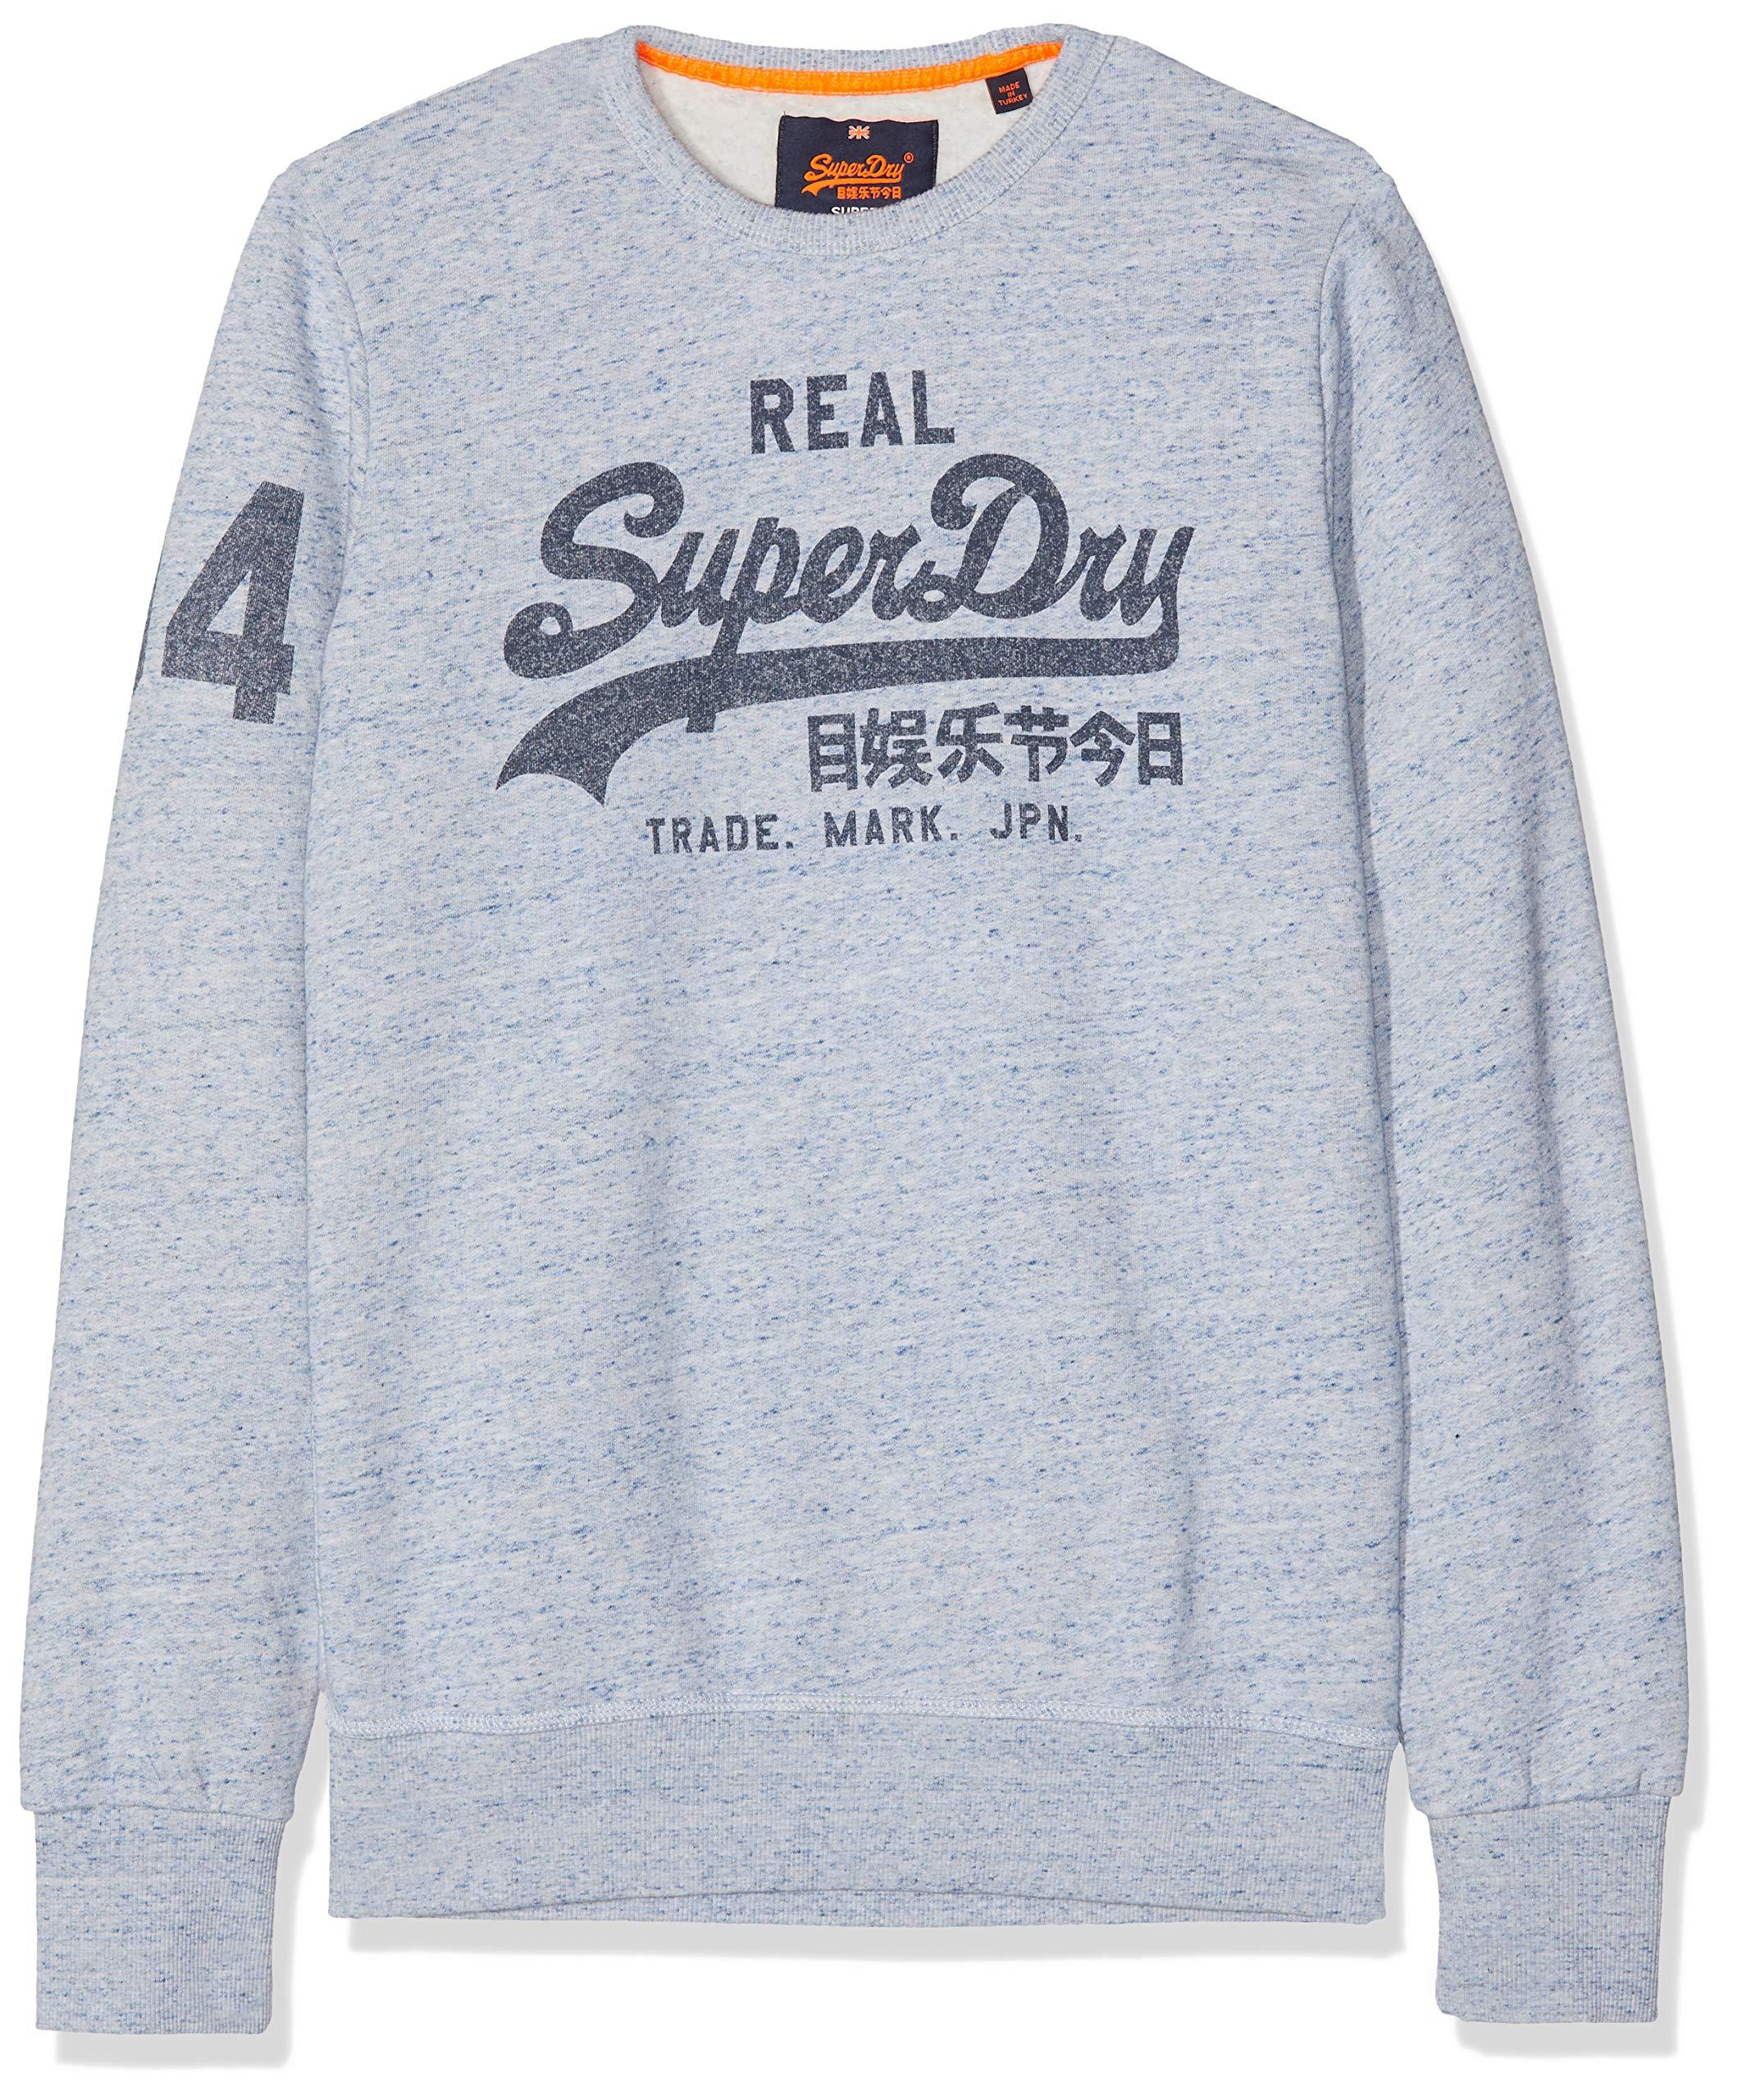 Superdry CrewSweatshit Capuche Vintage À Logo E GritLarge Sportswear HommeGrisstorm m80vNwyOn